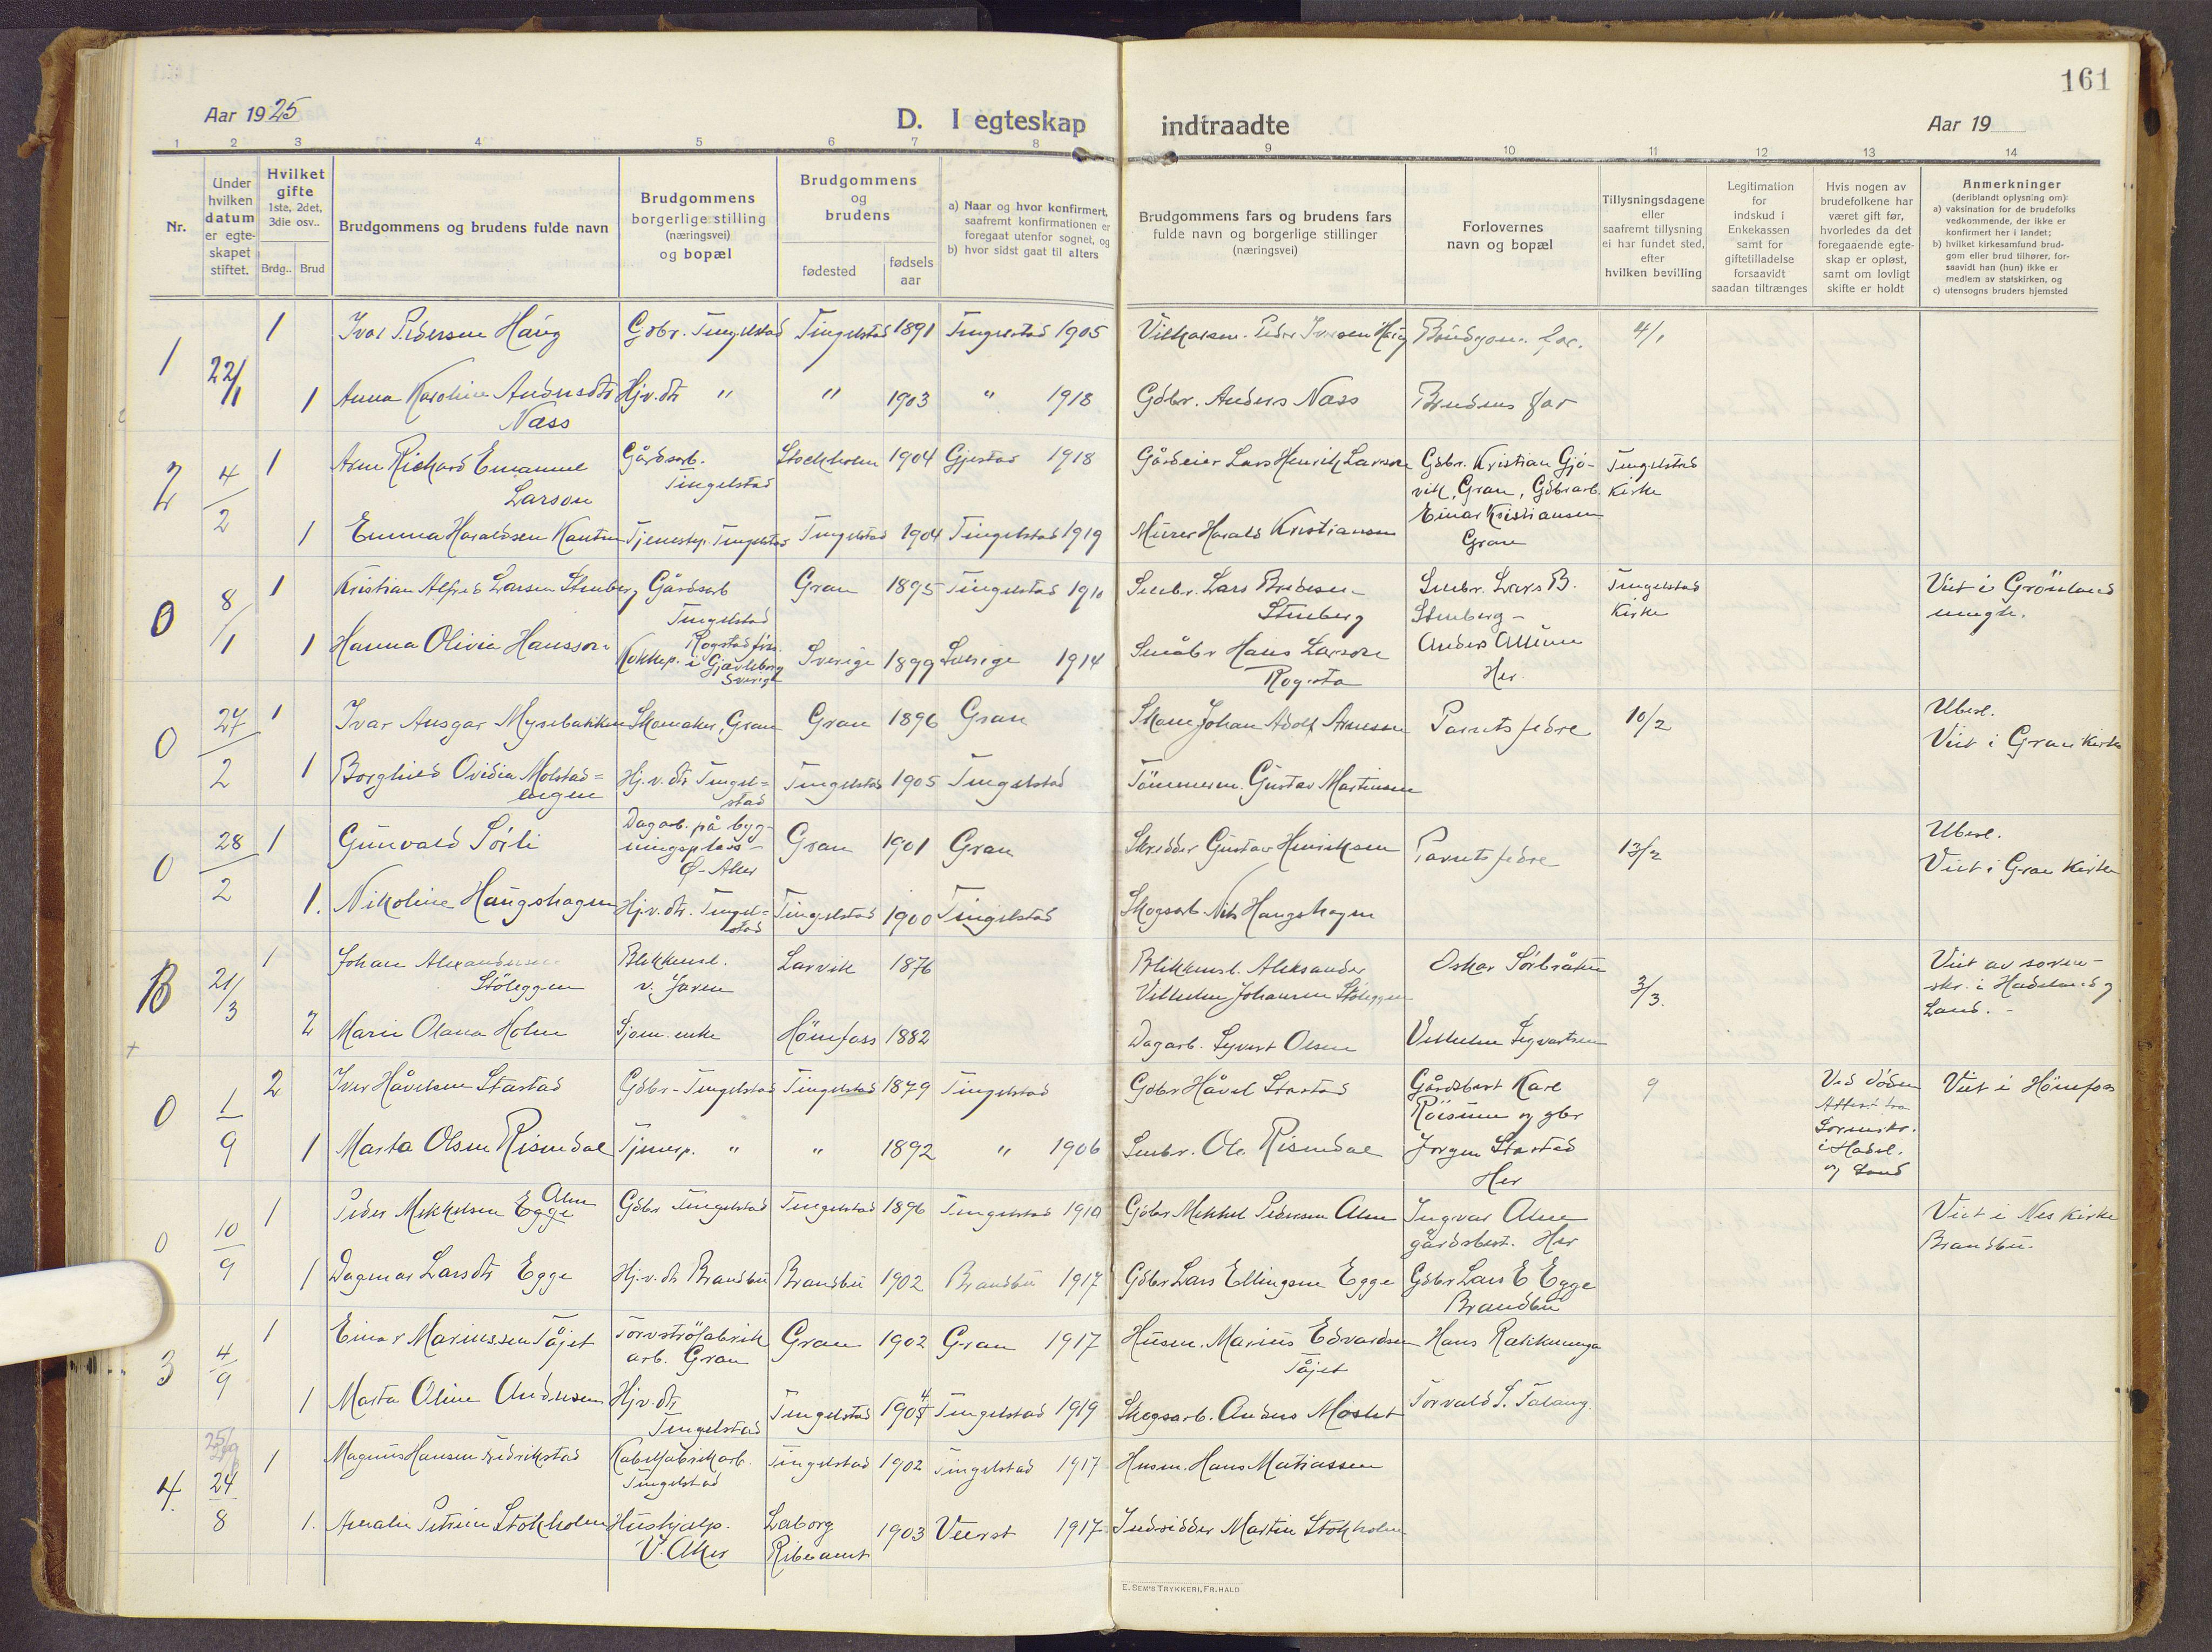 SAH, Brandbu prestekontor, Ministerialbok nr. 3, 1914-1928, s. 161